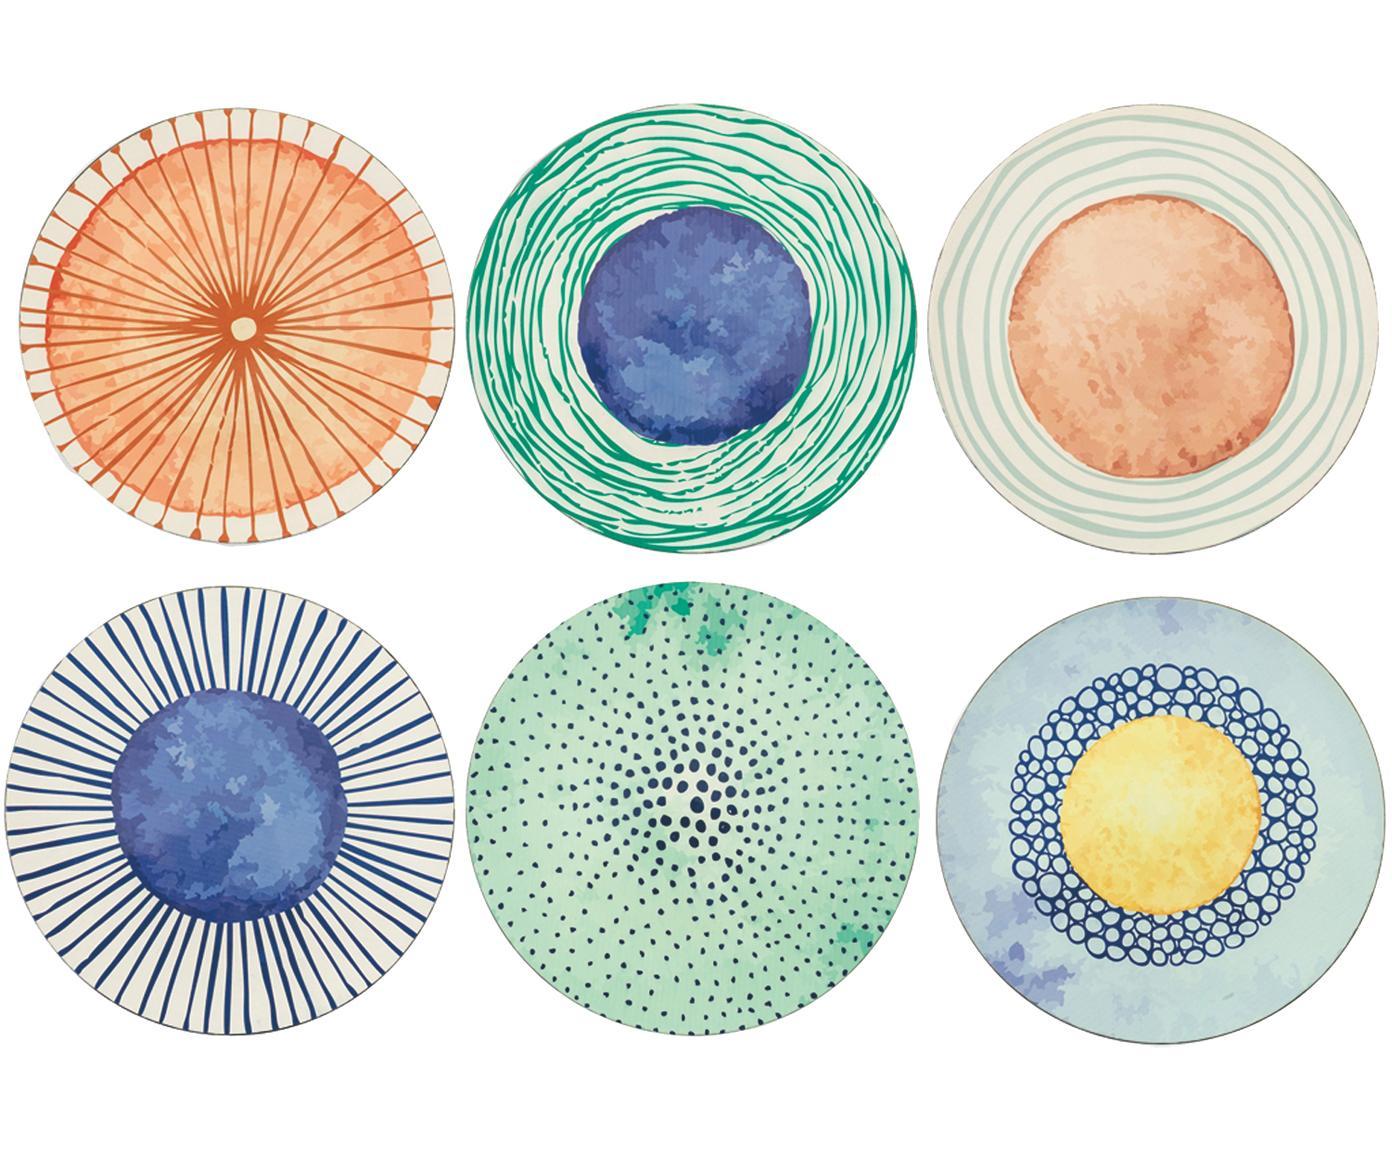 Platzteller Marea mit unterschiedlichen und sommerlichen Designs, 6er-Set, Kunststoff, Blau, Weiss, Gelb, Grün, Orange, Ø 33 cm